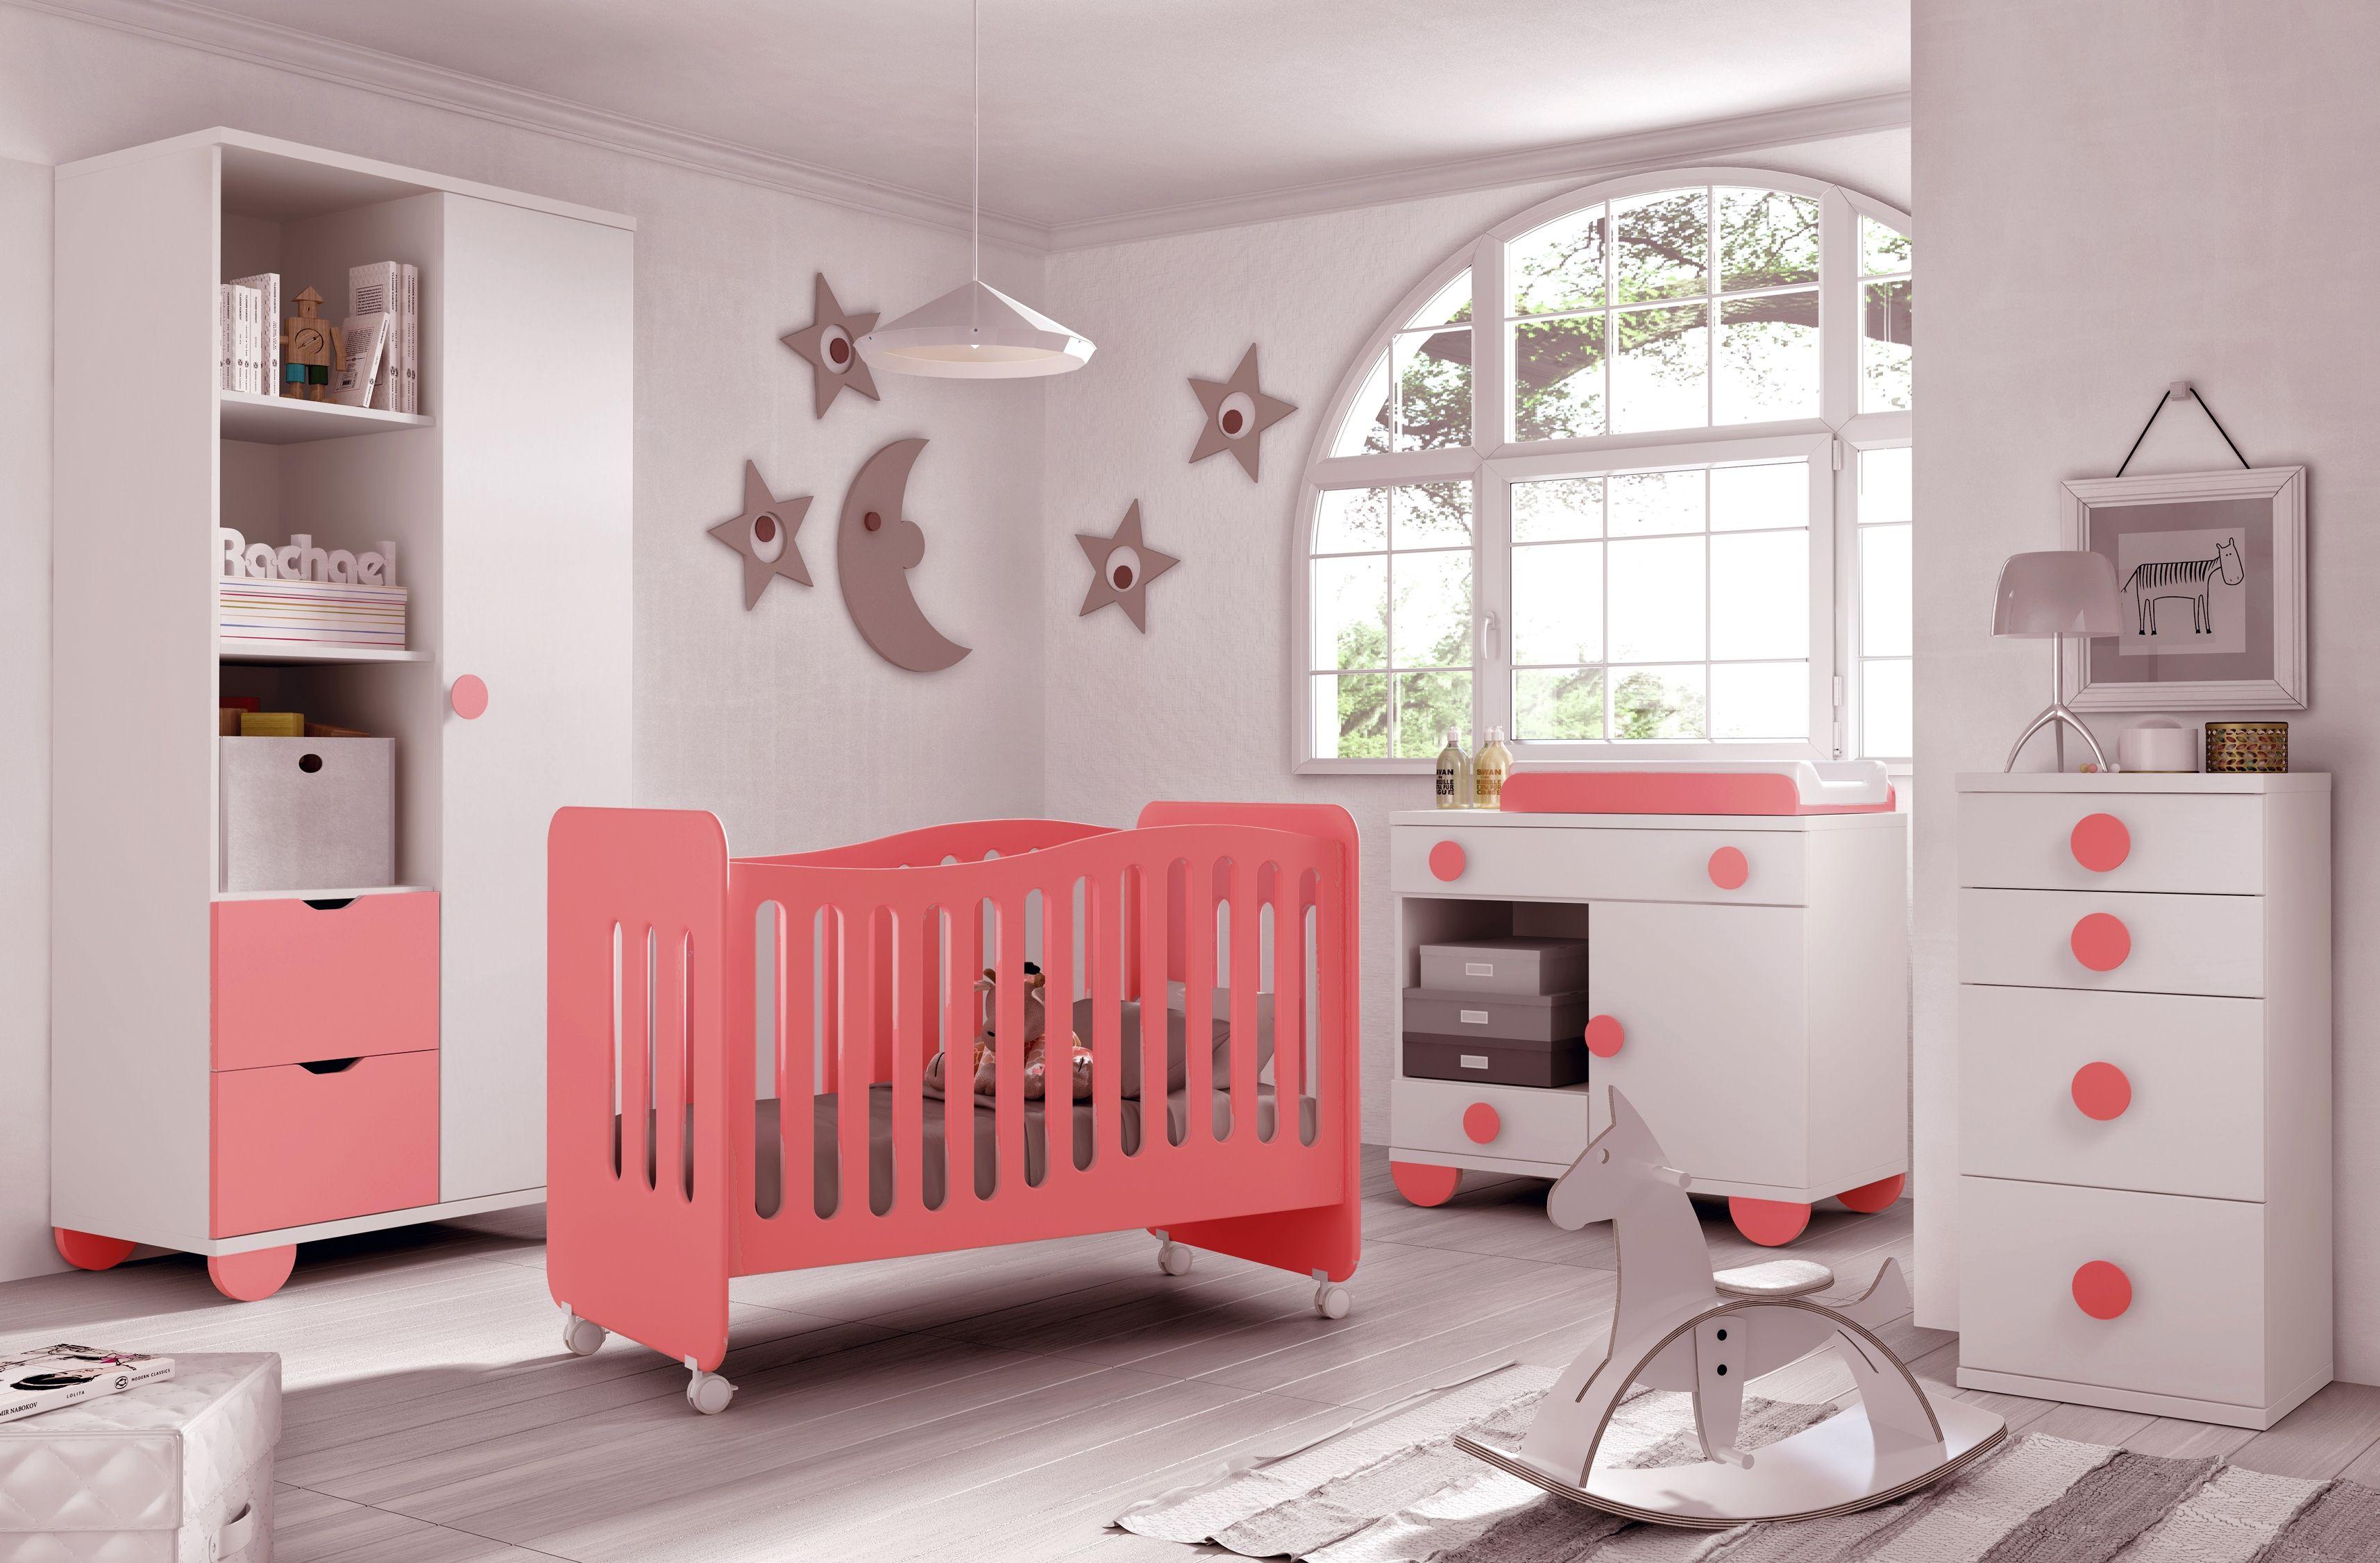 Chambre de bébé | Chambre bébé & puériculture > Chambre bébé ...